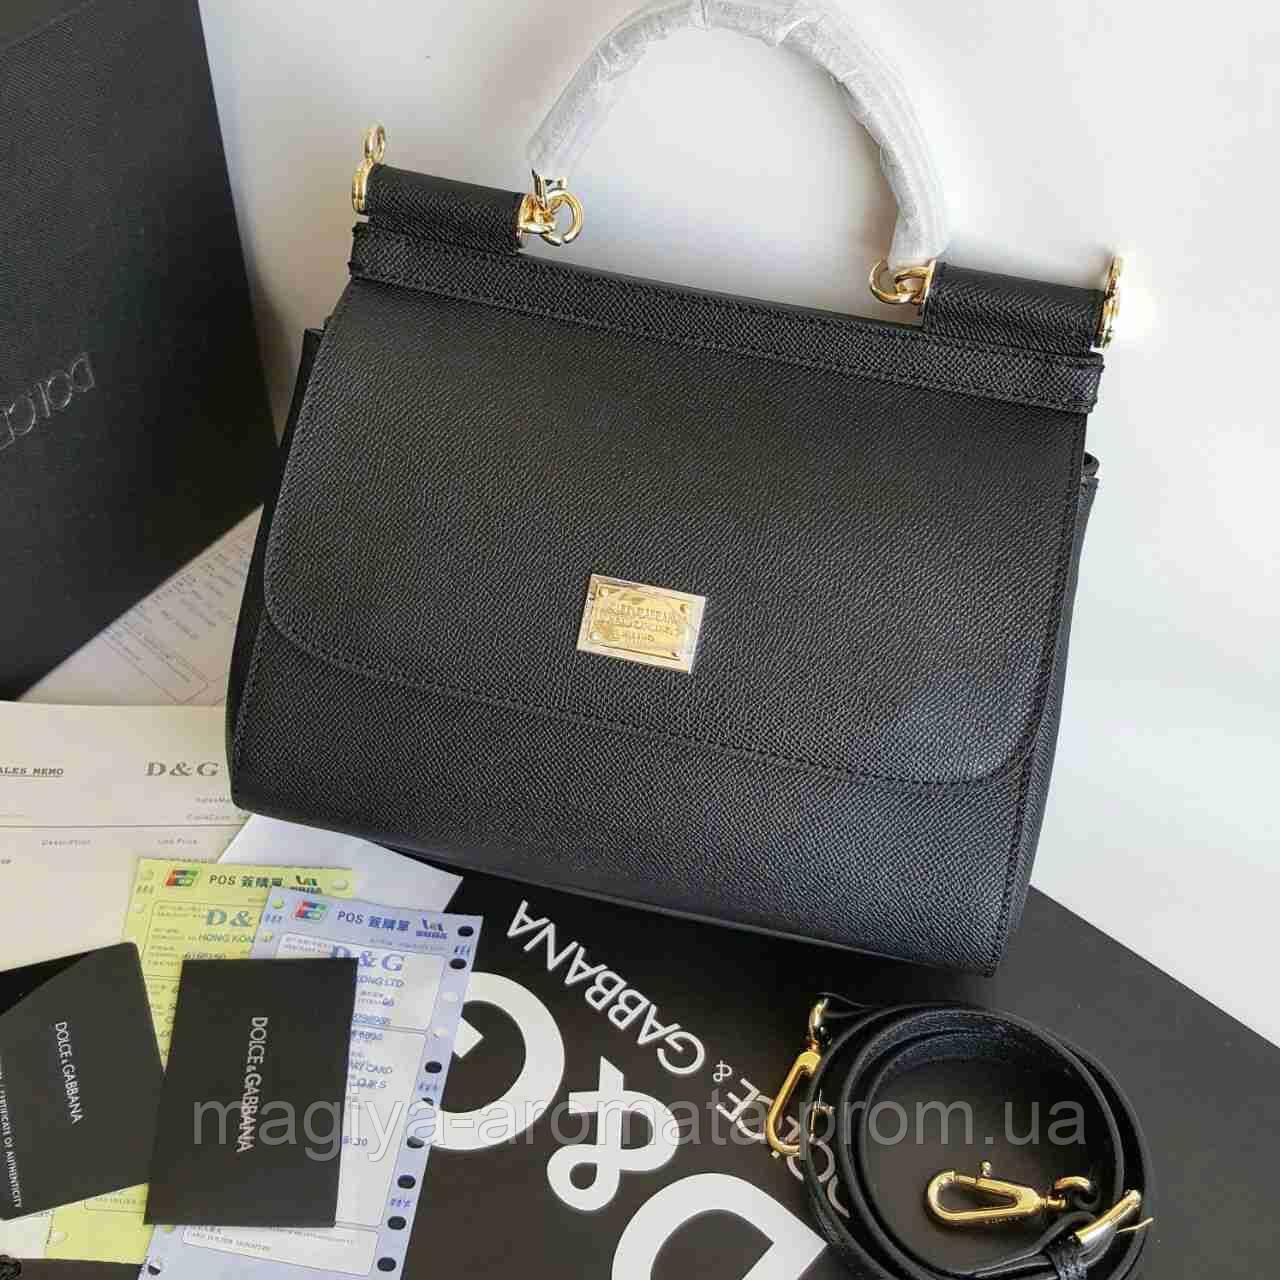 d18c3a9594af Сумка Dolce & Gabbana Sicily Black Дольче Габана Сисли - Магия Аромата -  Парфюмерия, Брендовые